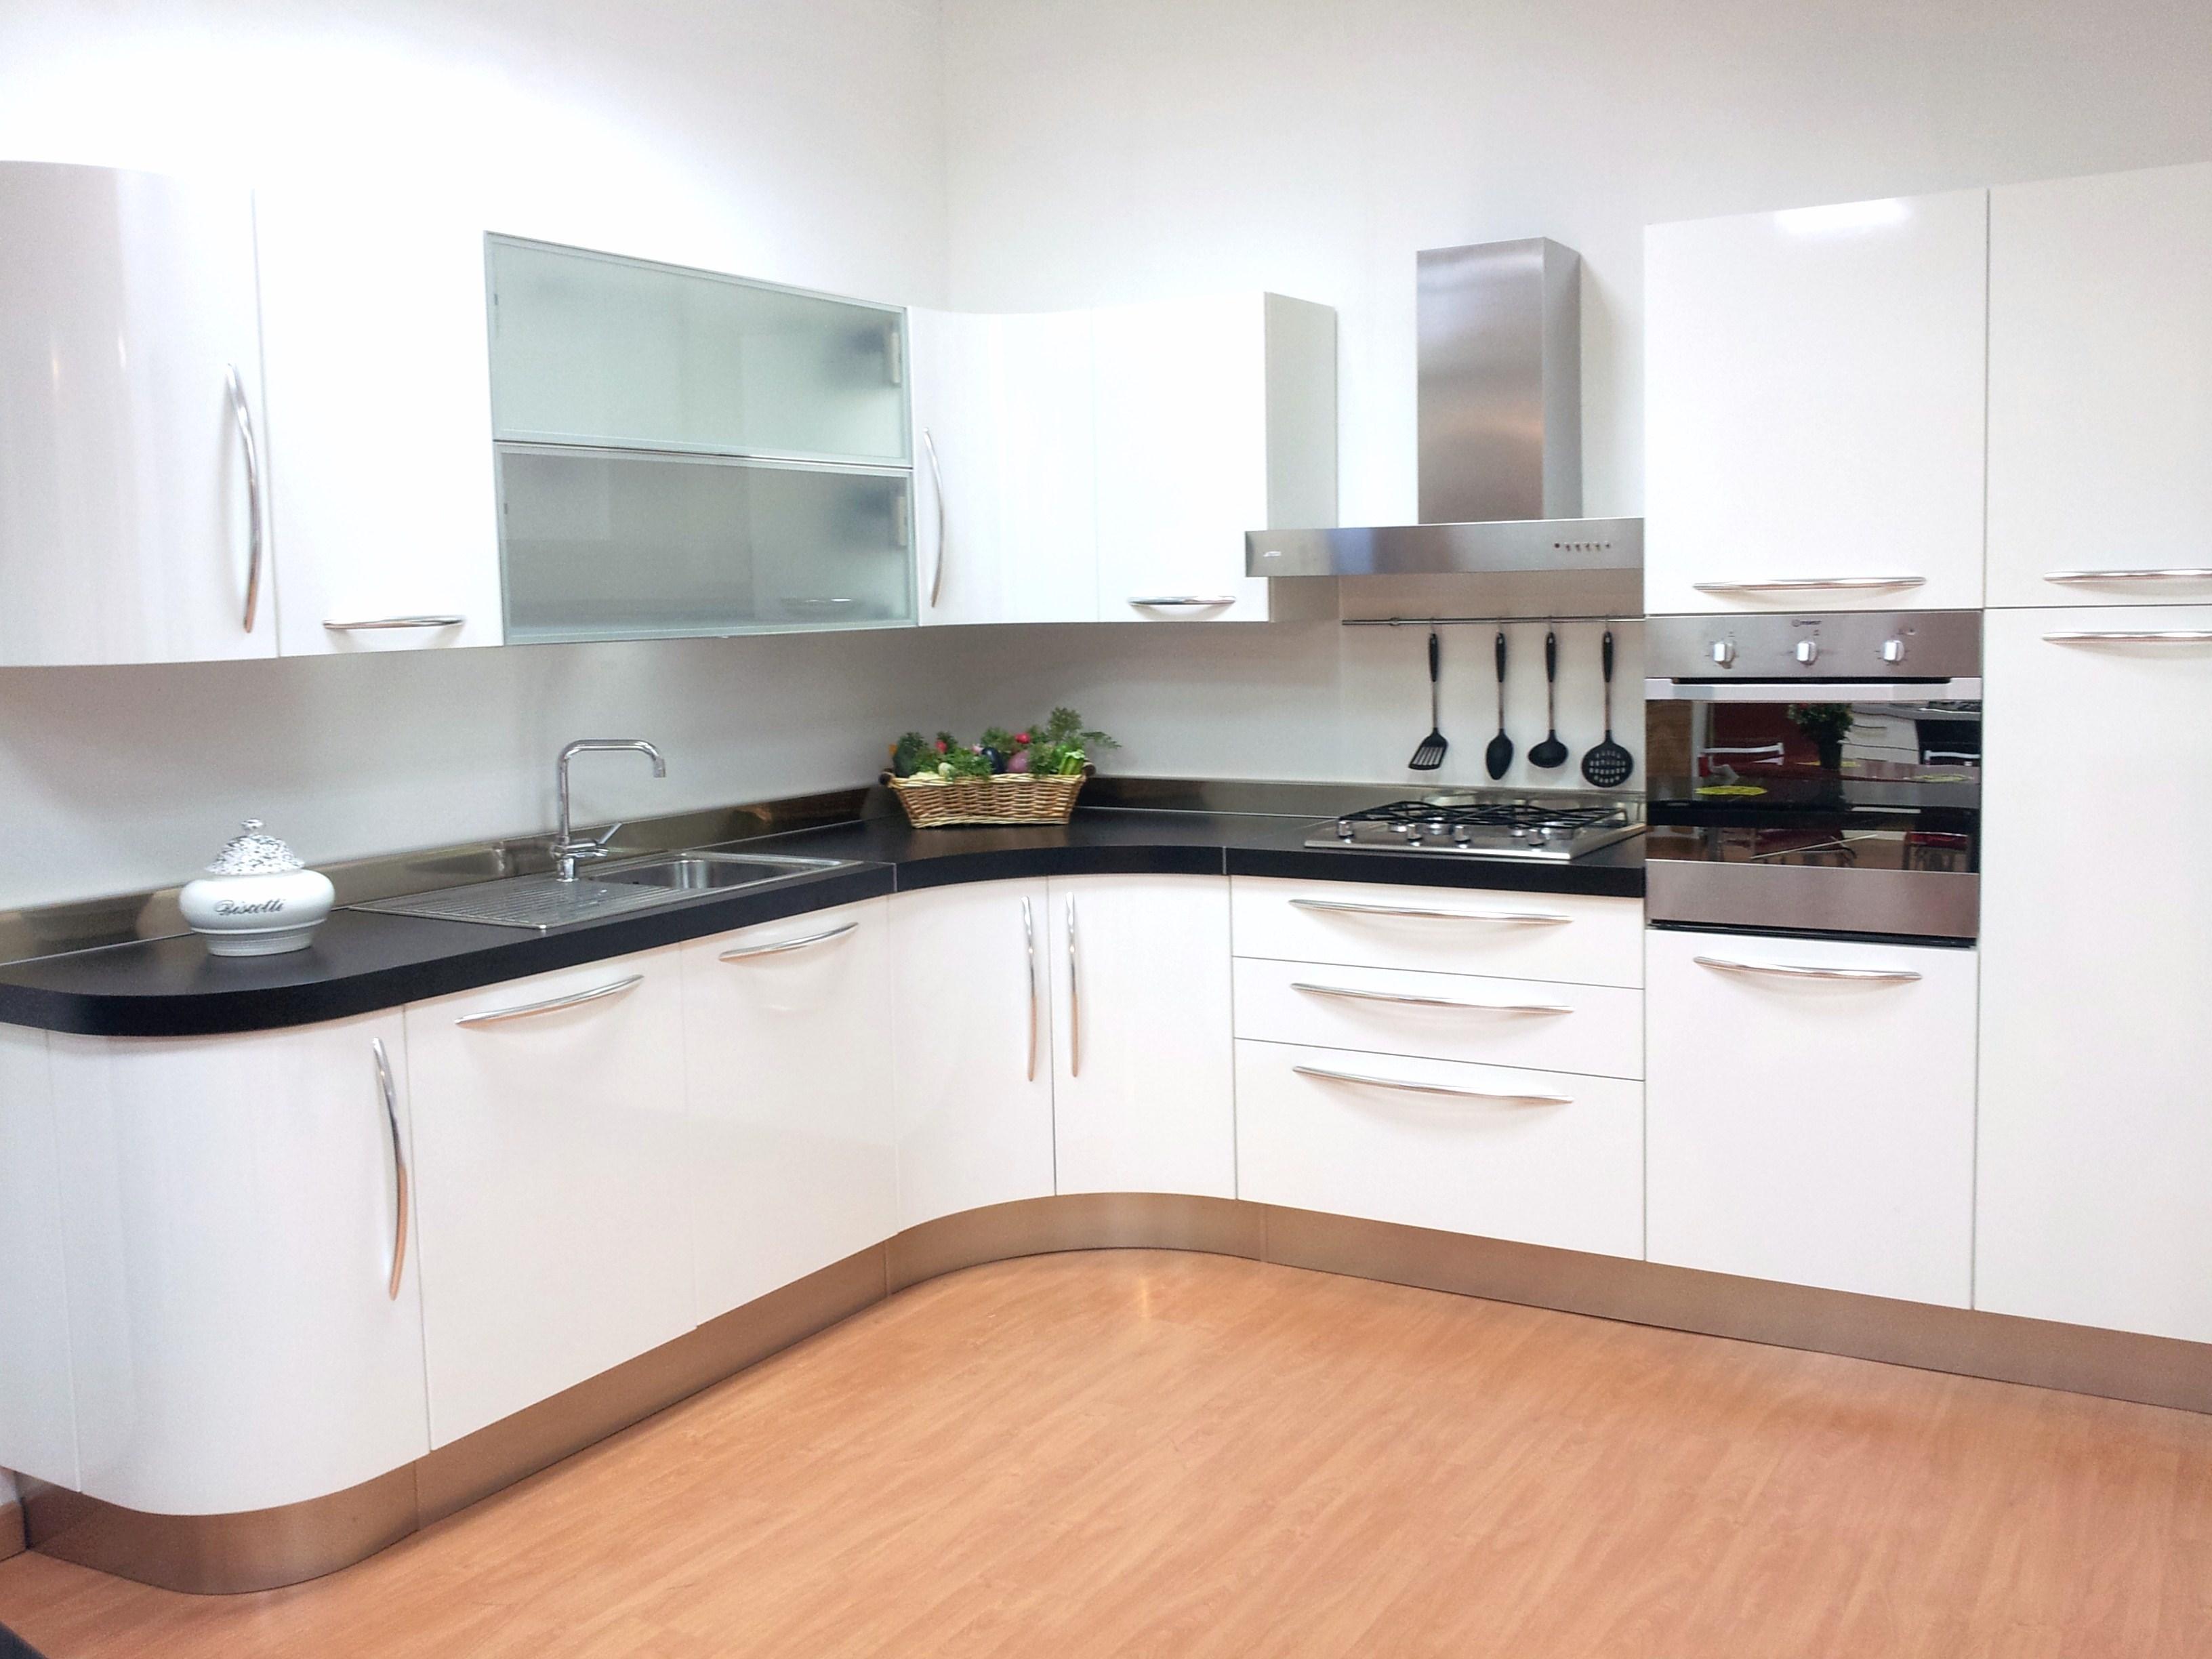 Cucina Record Cucine Venere Scontato Del  50 % Cucine A Prezzi  #A35928 3264 2448 Disegnare Una Cucina Con Ikea